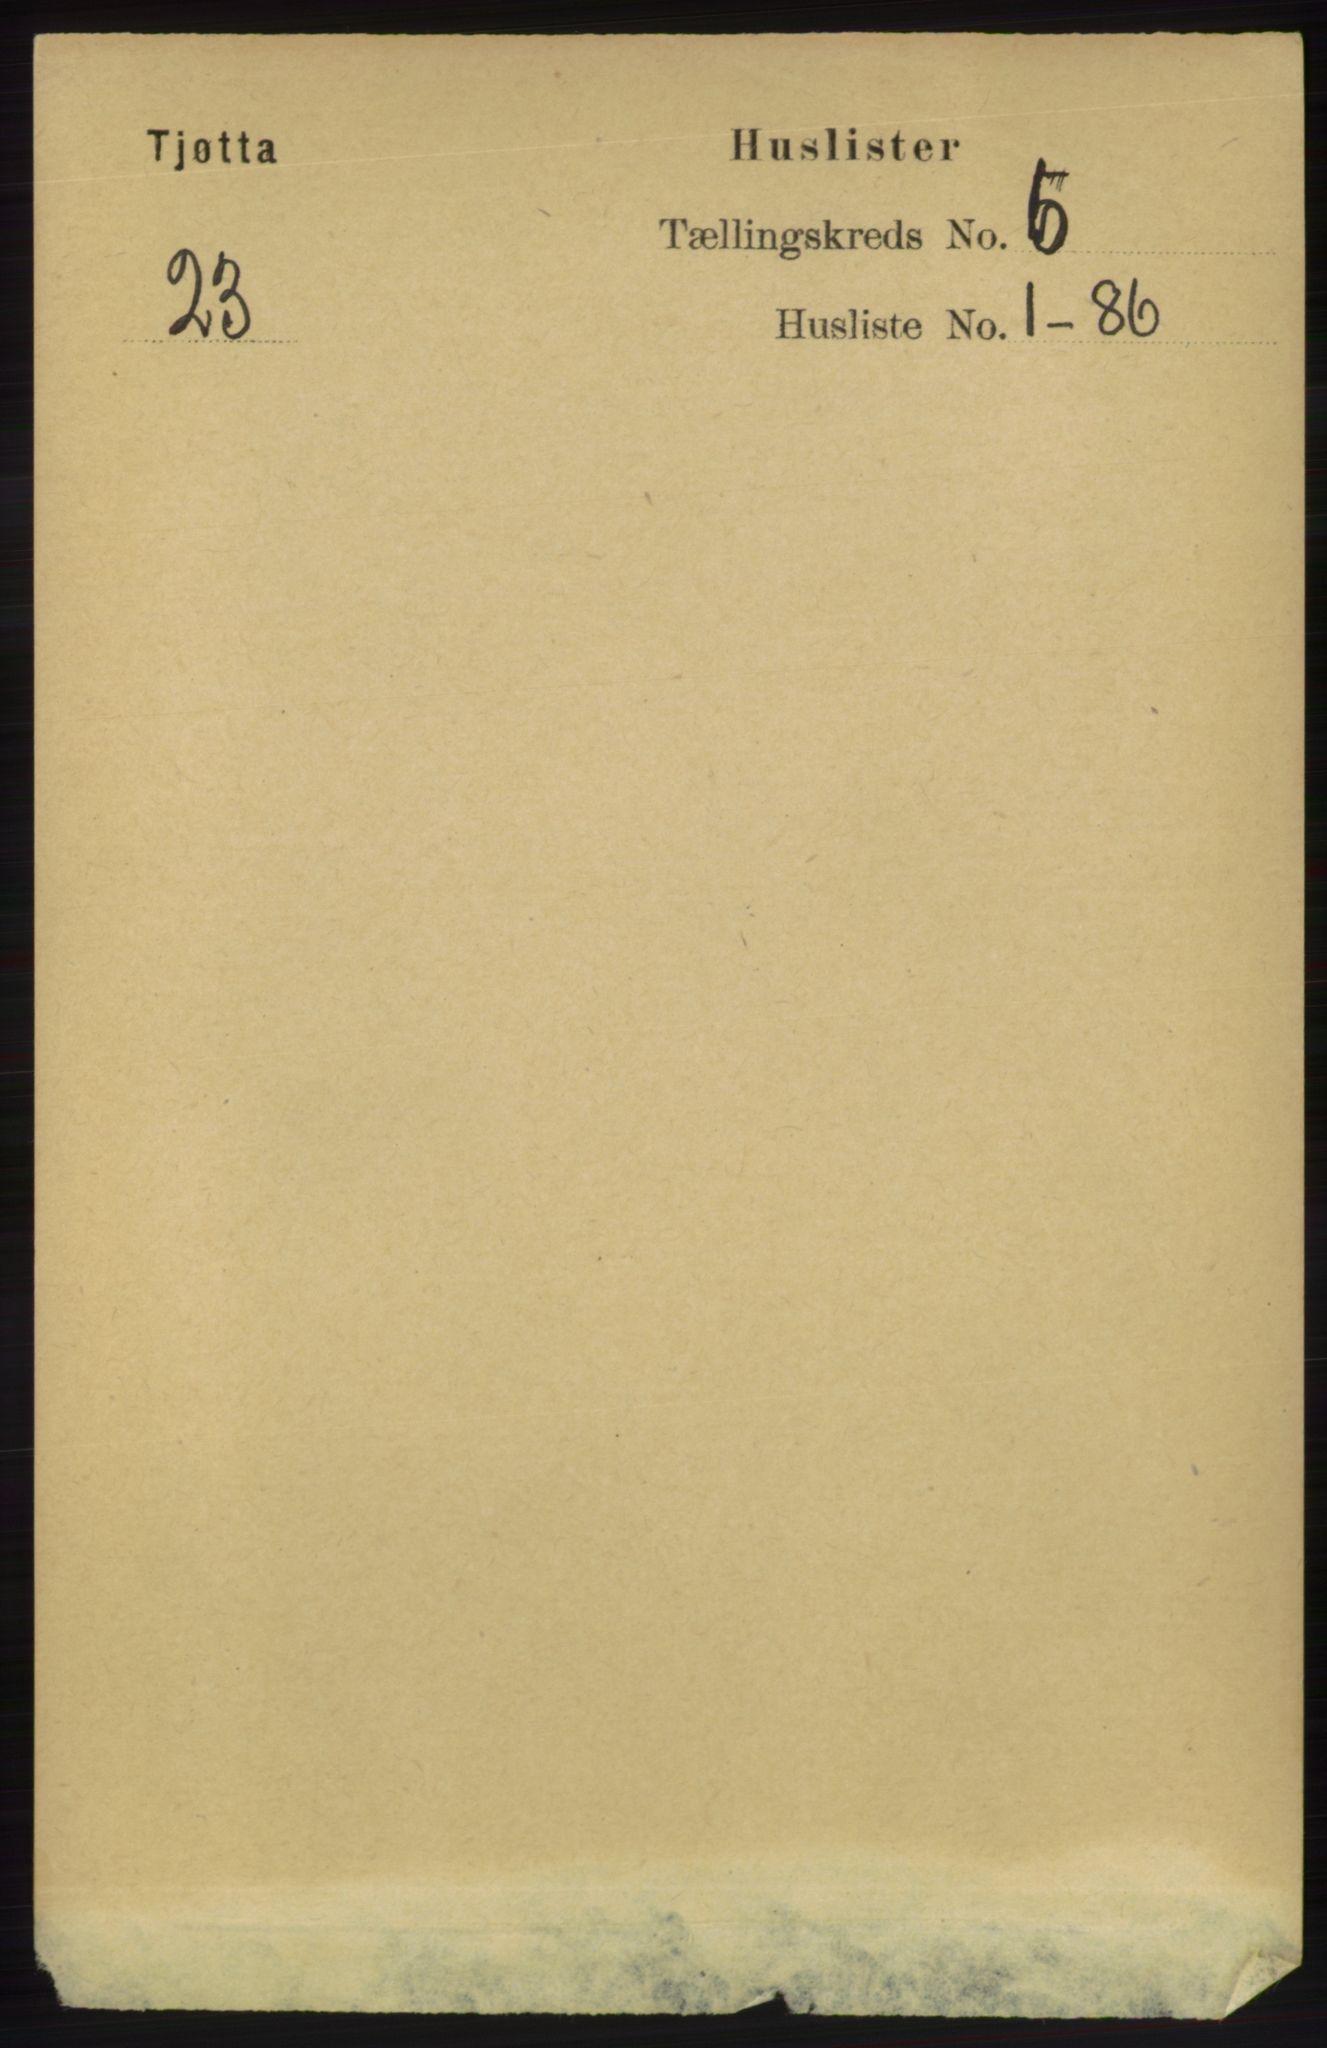 RA, Folketelling 1891 for 1817 Tjøtta herred, 1891, s. 2782